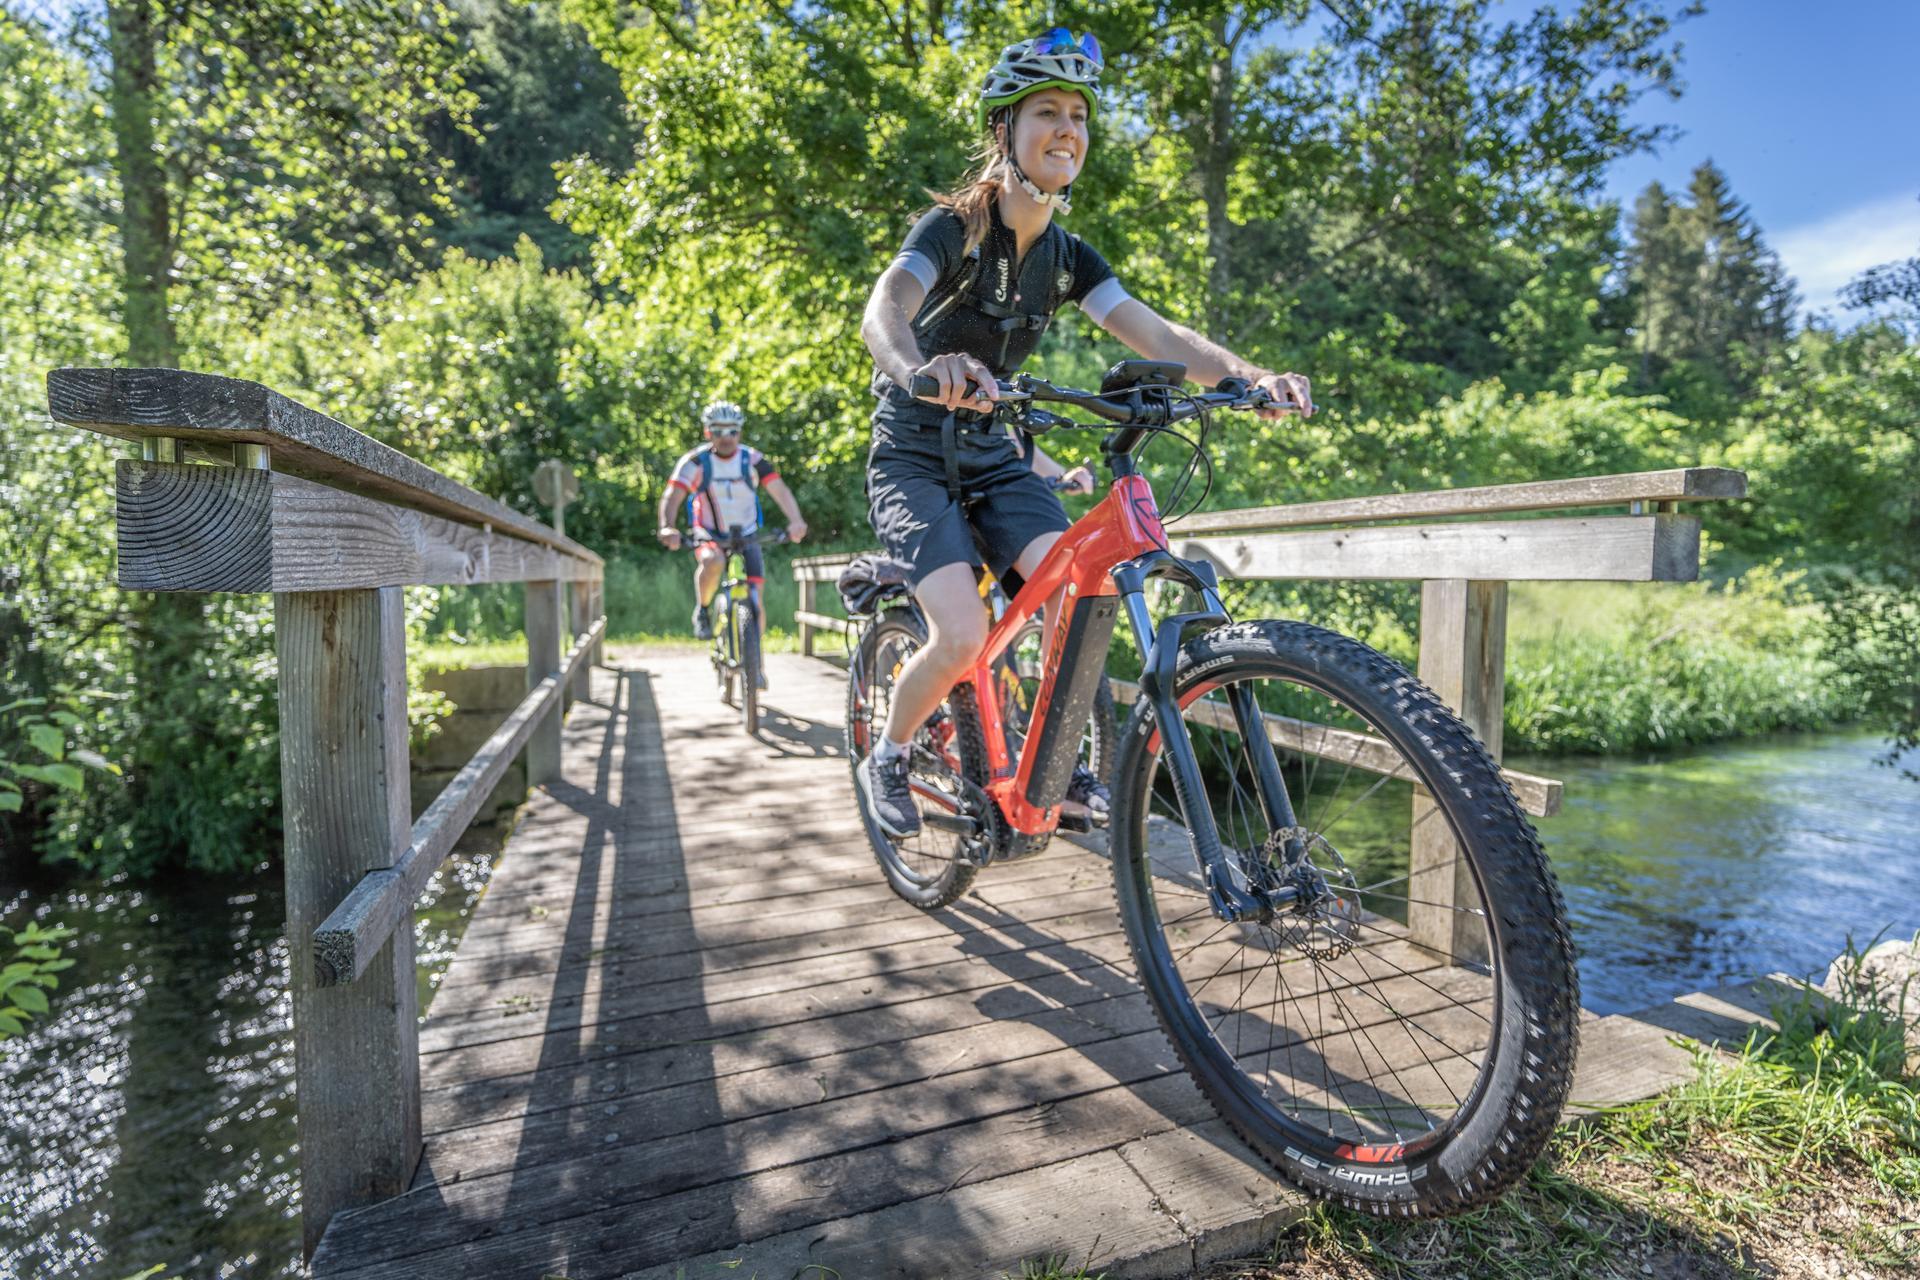 Zwei Radfahrer*innen fahren mit E-Bikes über eine Holzbrücke, die über einen Fluss führt. Im Hintergrund ist Wald. Die Sonne scheint und es ist warm.